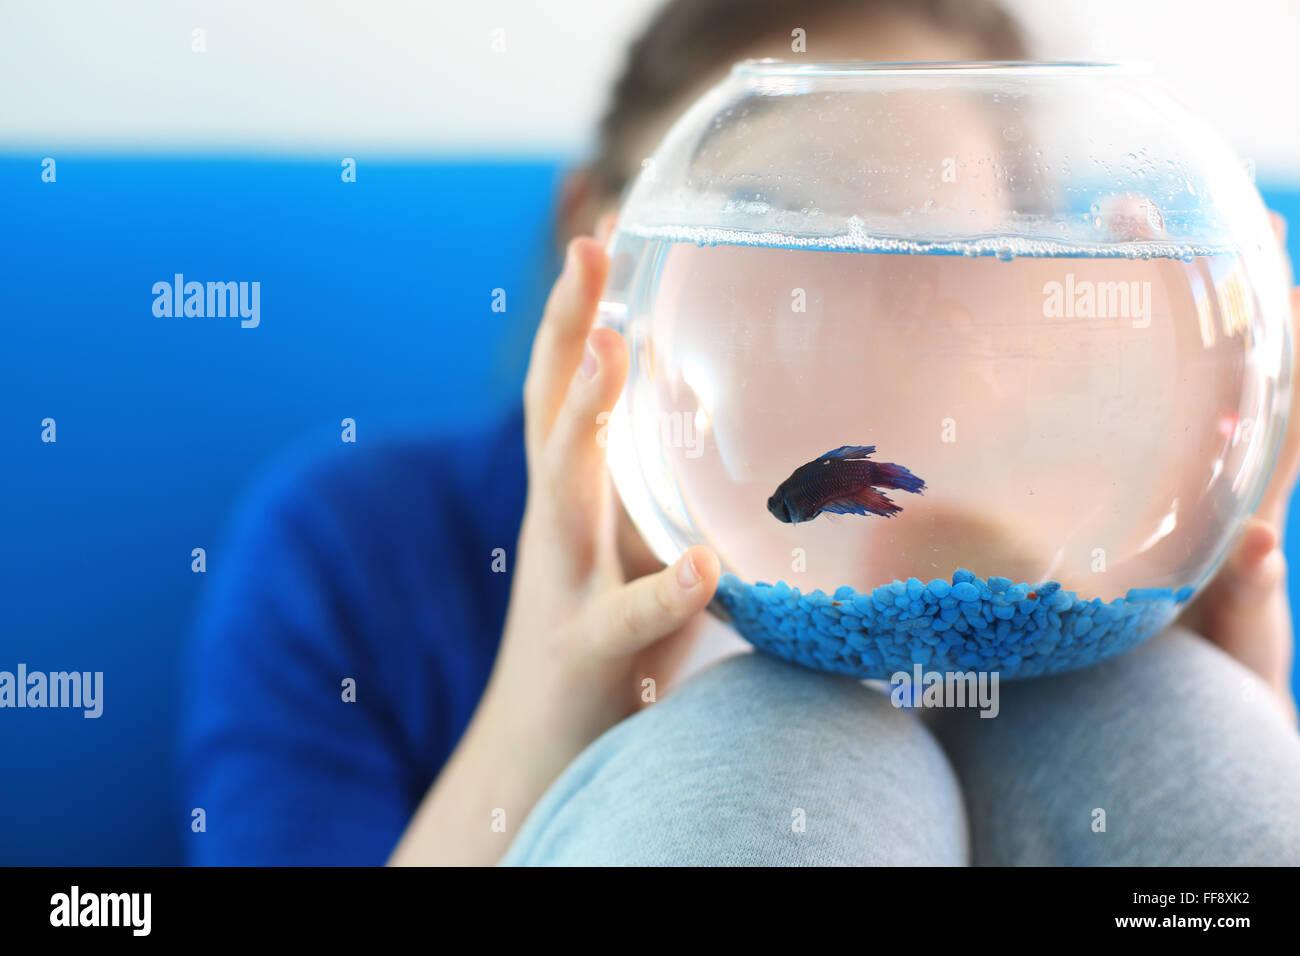 Je veux animal ... . Enfant tenant une boule de cristal avec un poisson bleu Photo Stock